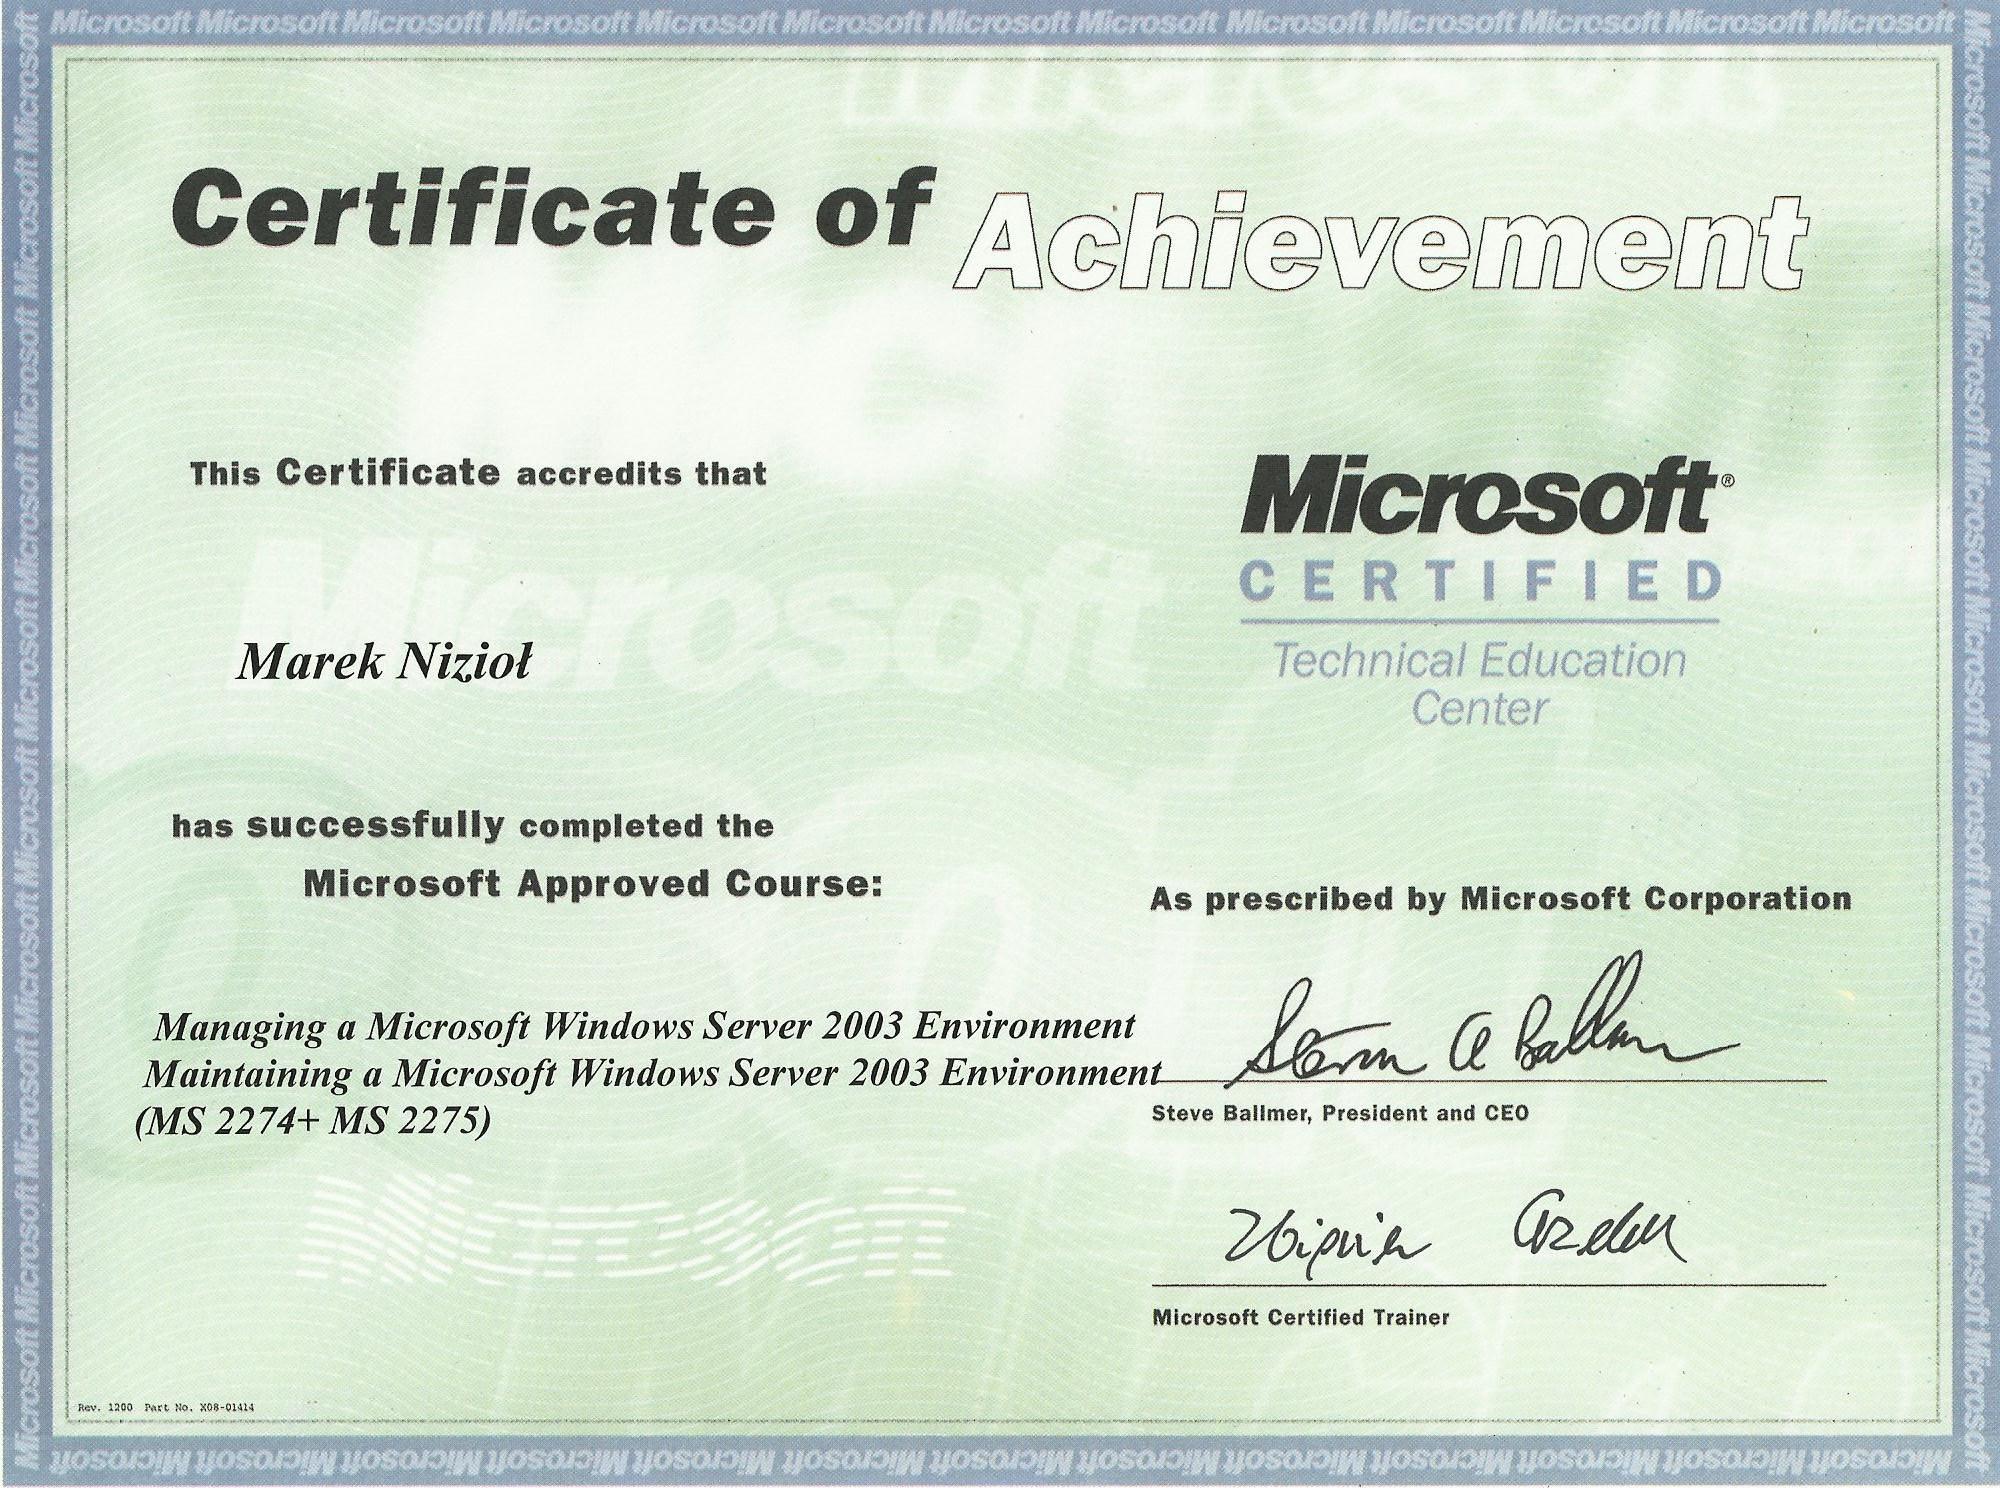 resume in microsoft word service resume resume in microsoft word 2007 how to use resume template in microsoft word 2007 microsoft